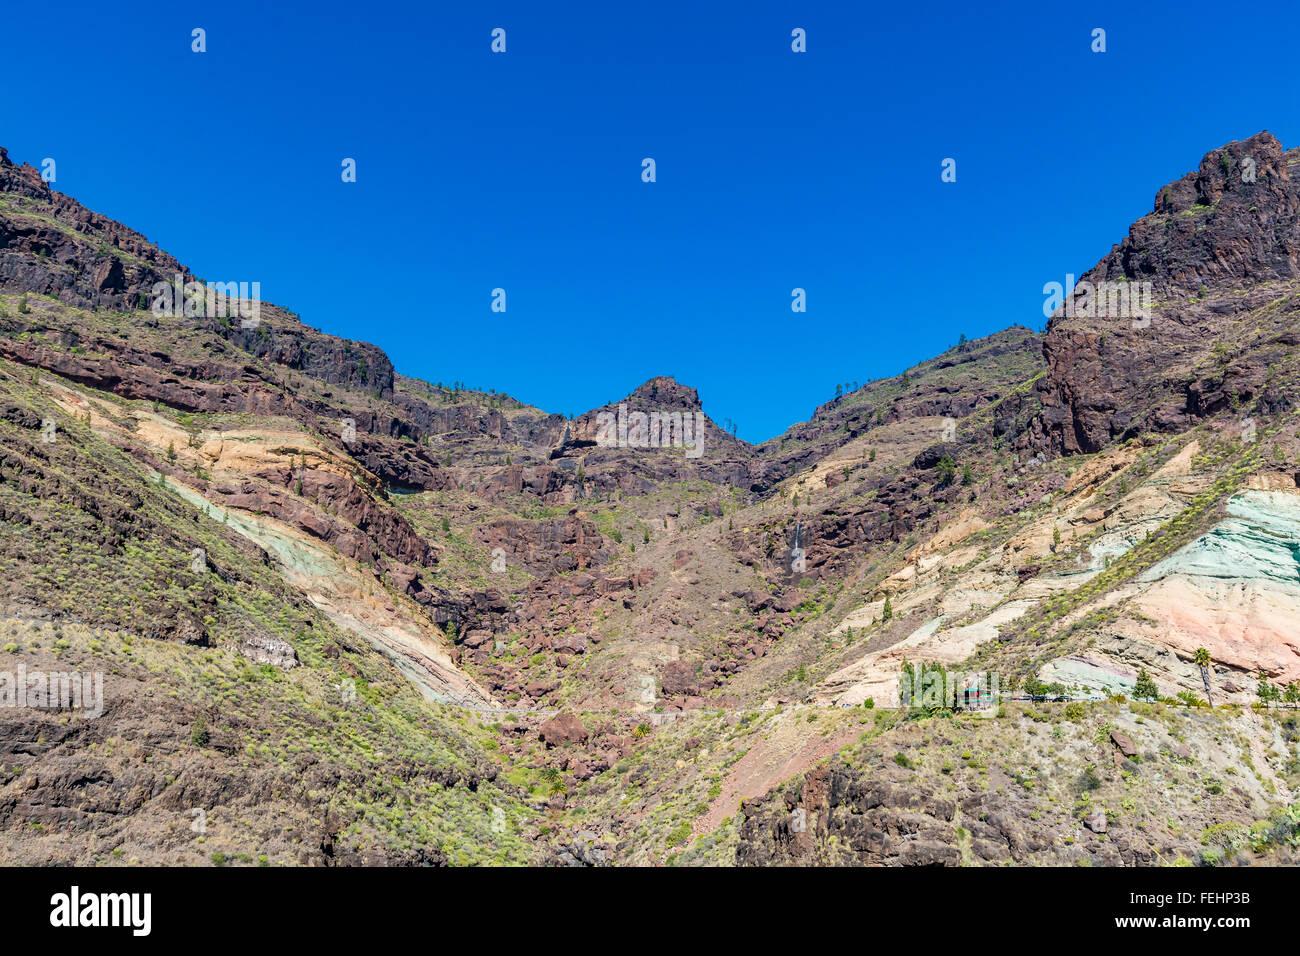 Azulejos spain stockfotos azulejos spain bilder alamy - Los azulejos gran canaria ...